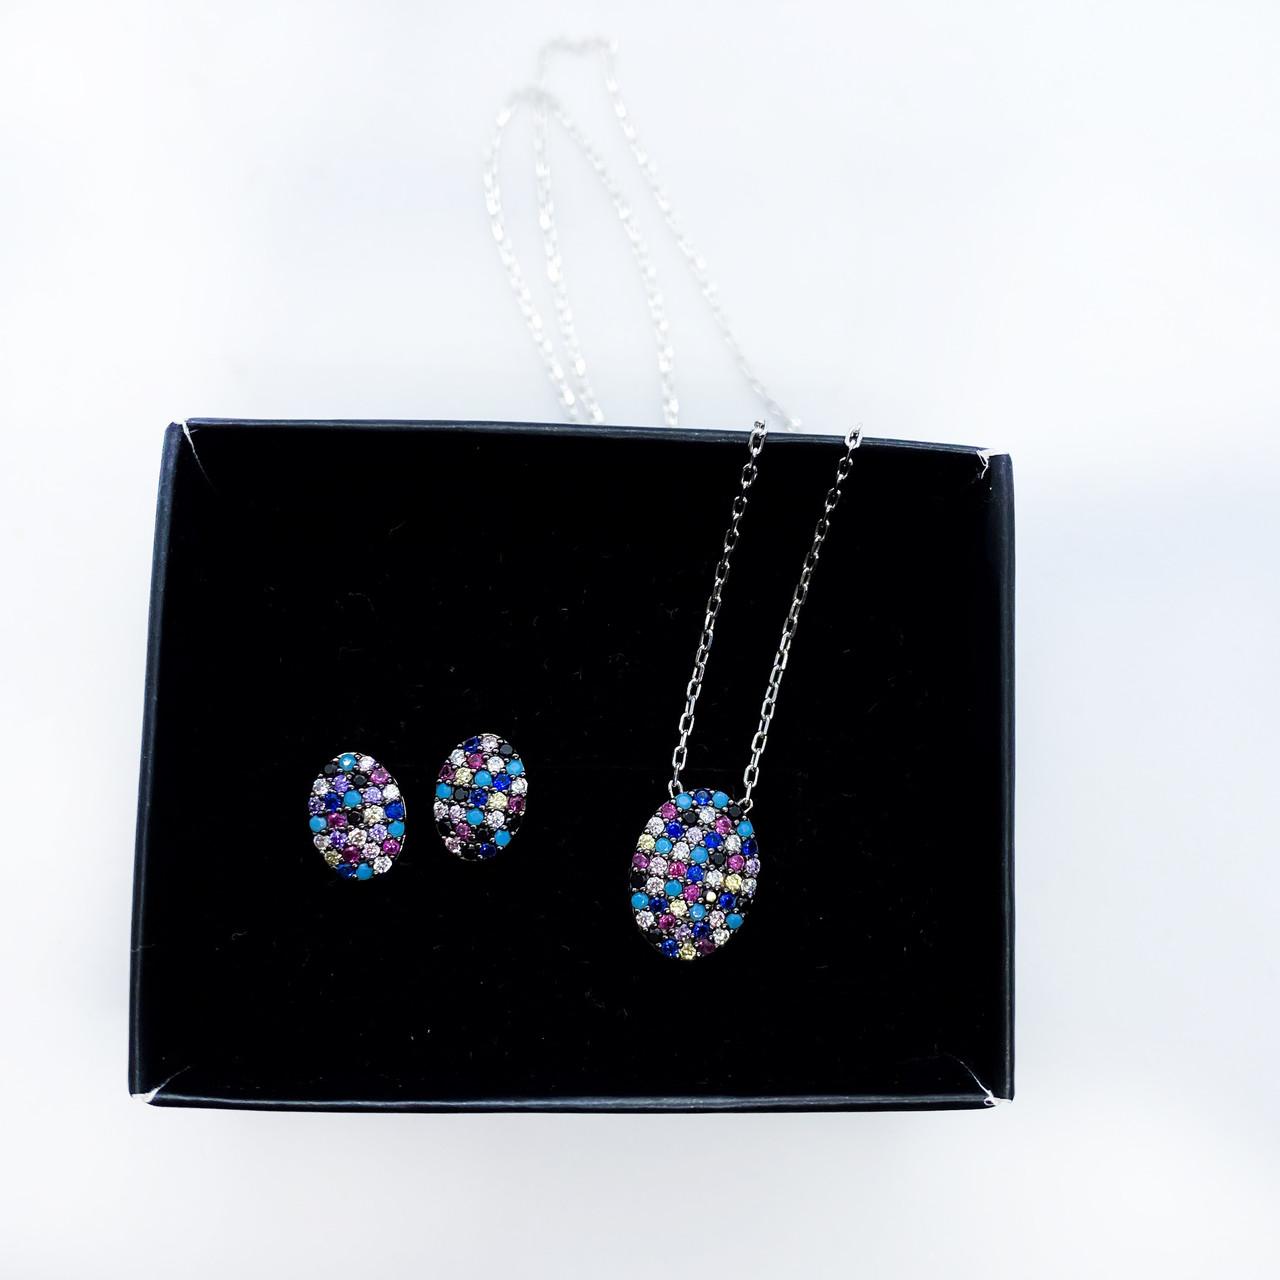 Набор украшений Beauty Bar из серебра 925 серьги и кулон с разноцветными цирконами